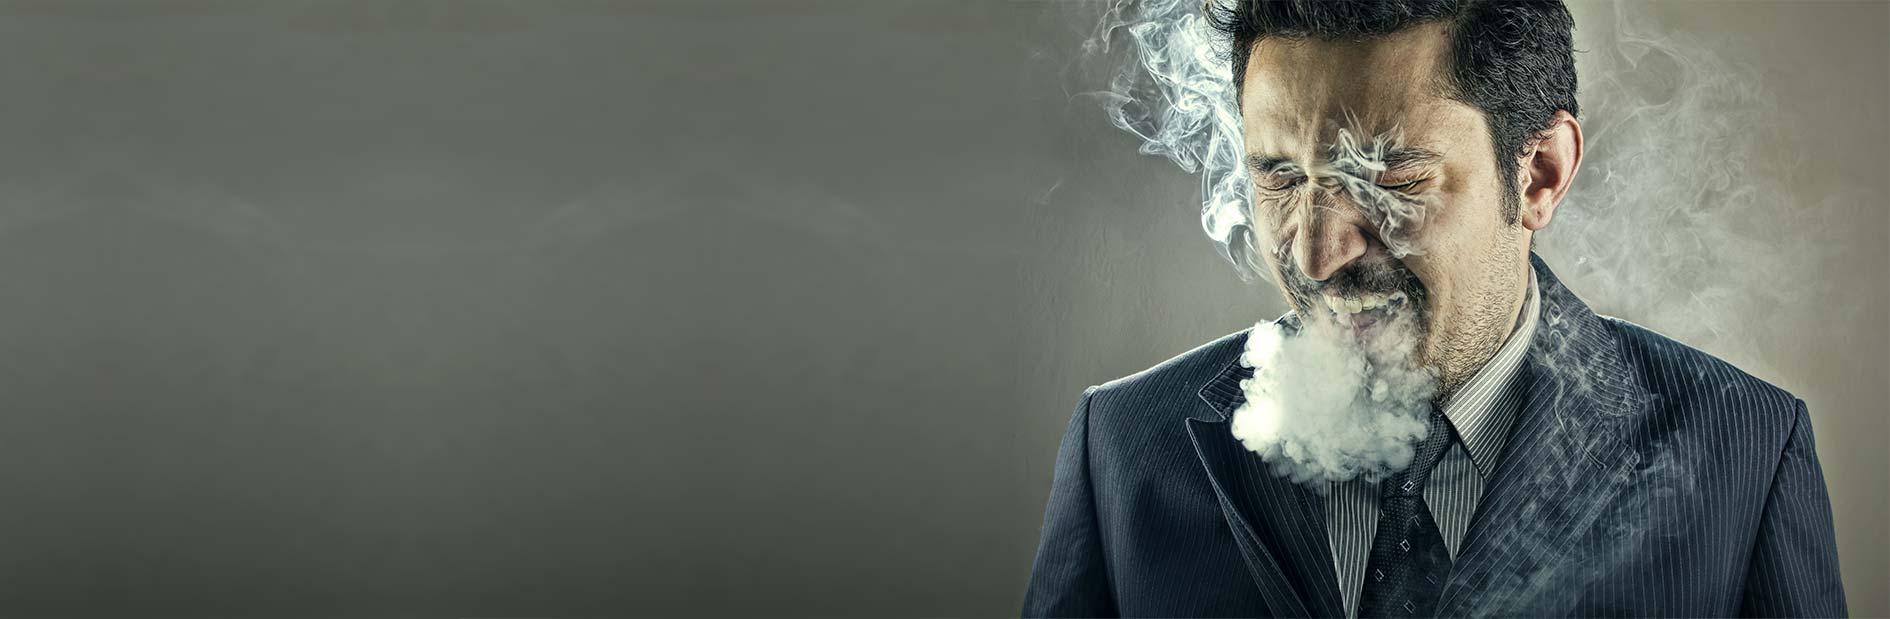 Nicotine Free - farmacia - celeiro